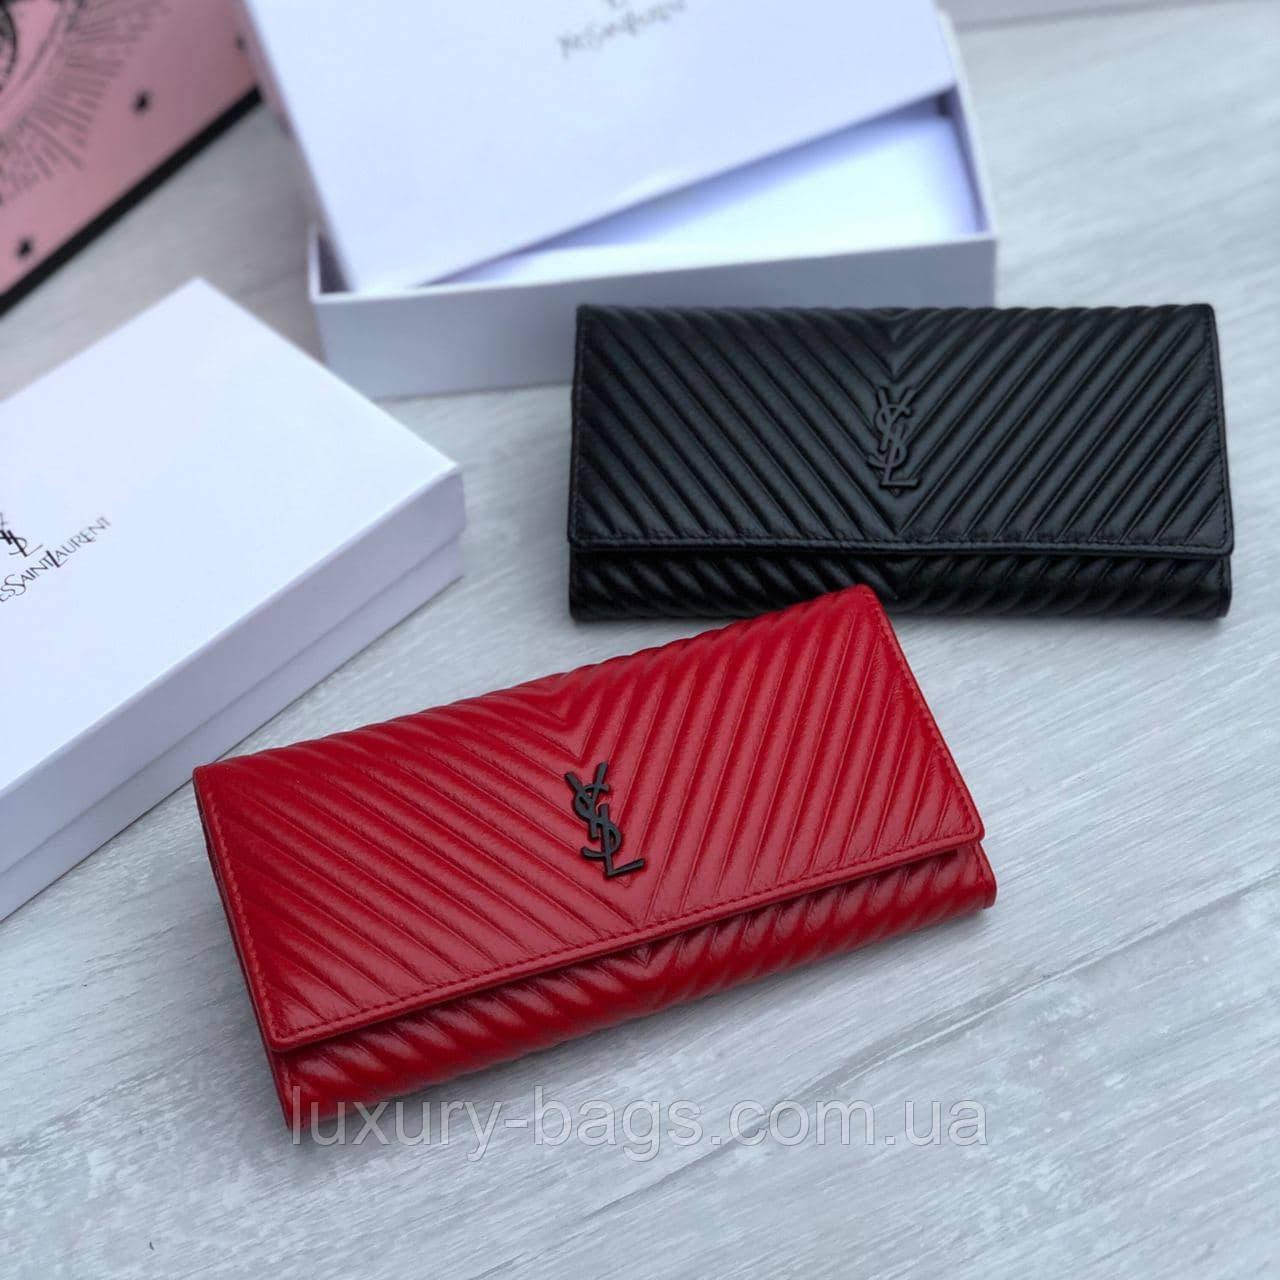 Шкіряний міні гаманець YSL